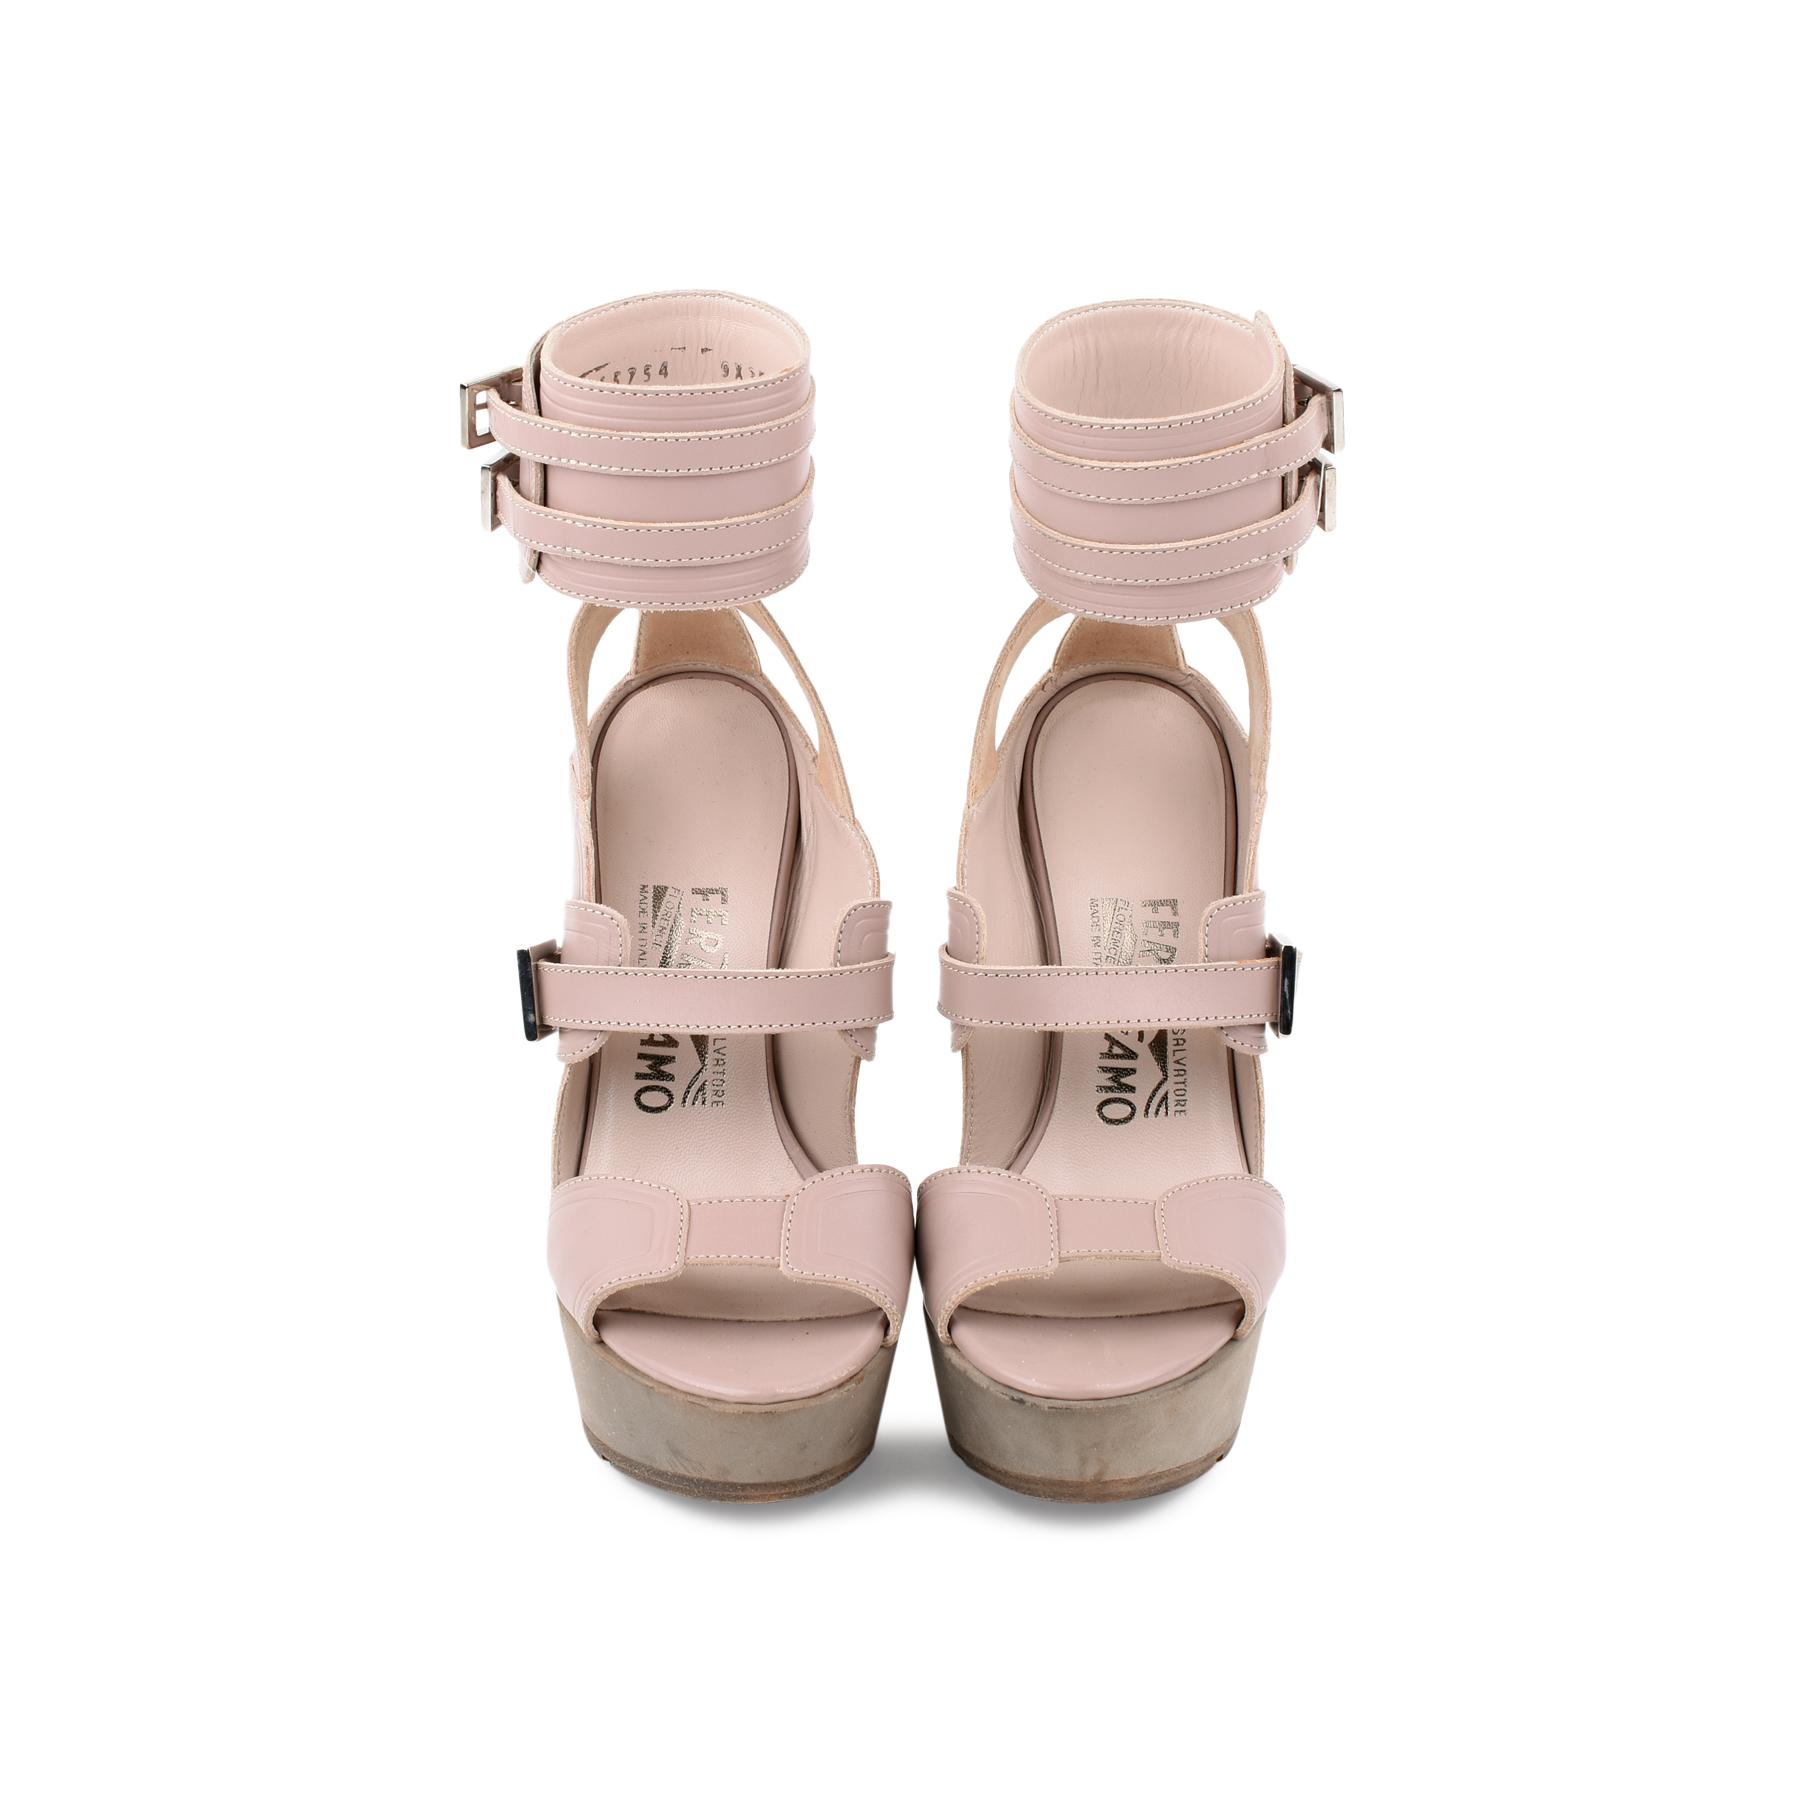 e4071c637d3 Authentic Second Hand Salvatore Ferragamo Braided Platform Sandal (PSS-080- 00221)